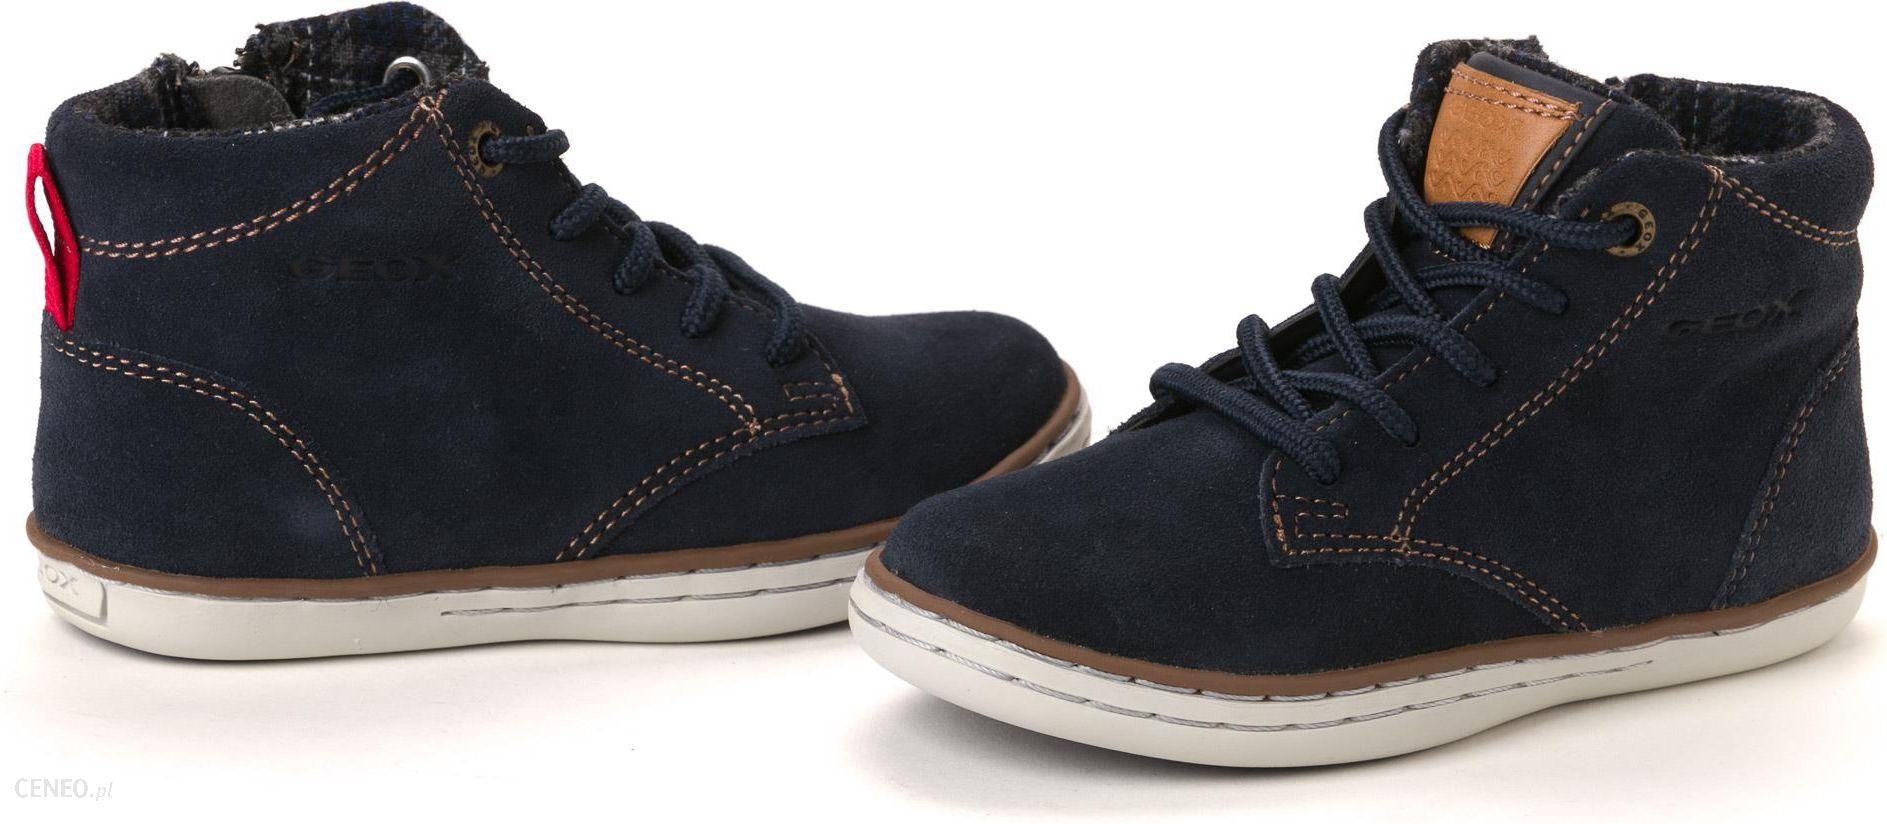 Geox buty za kostkę chłopięce 29 ciemnoniebieski Ceny i opinie Ceneo.pl